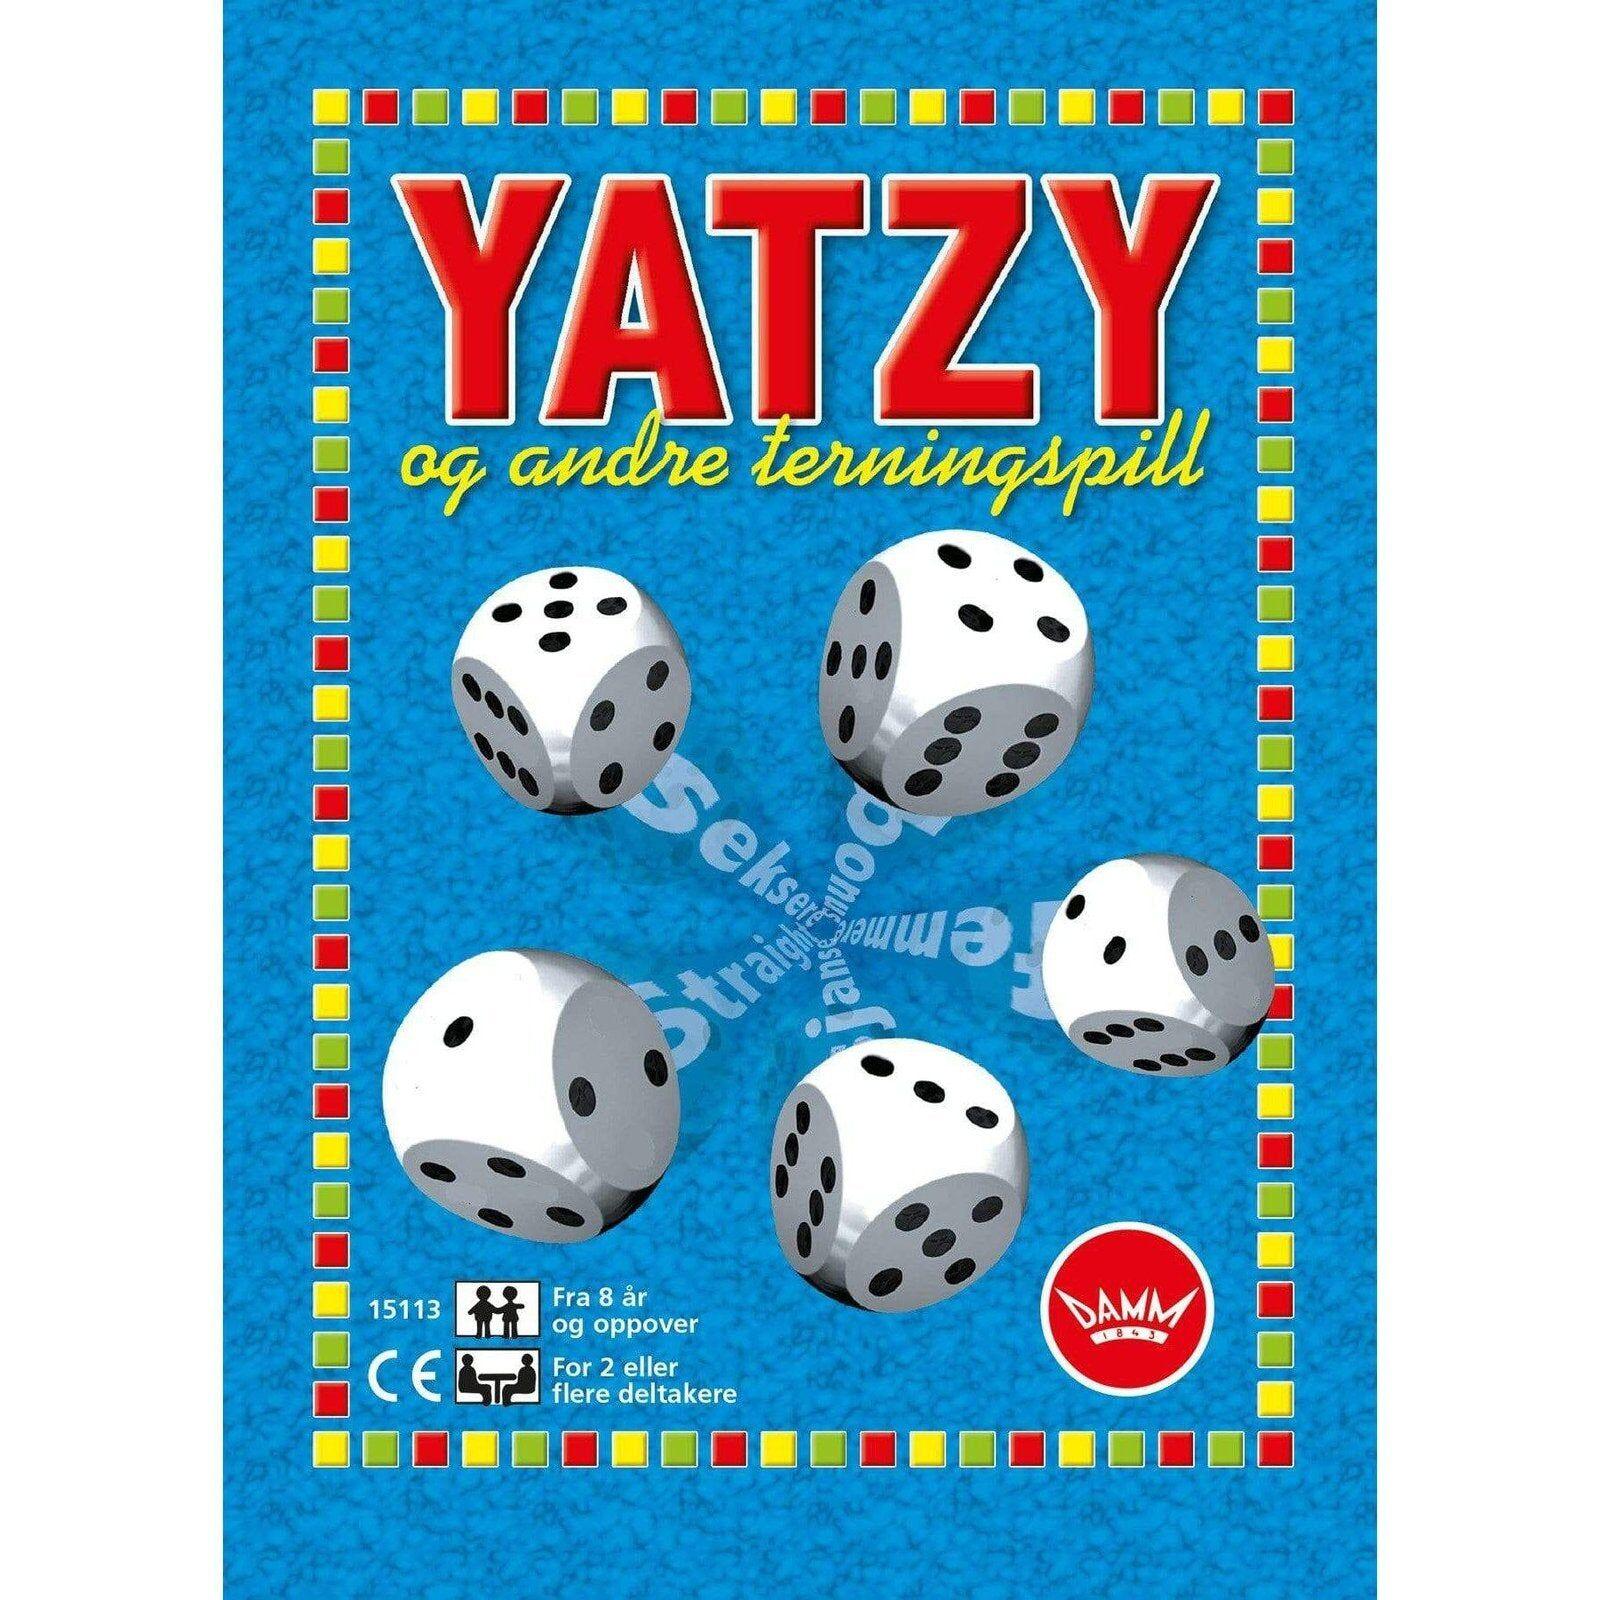 Egmont Damm Spill: Yatzy - Hyttefeber.No 🇳🇴